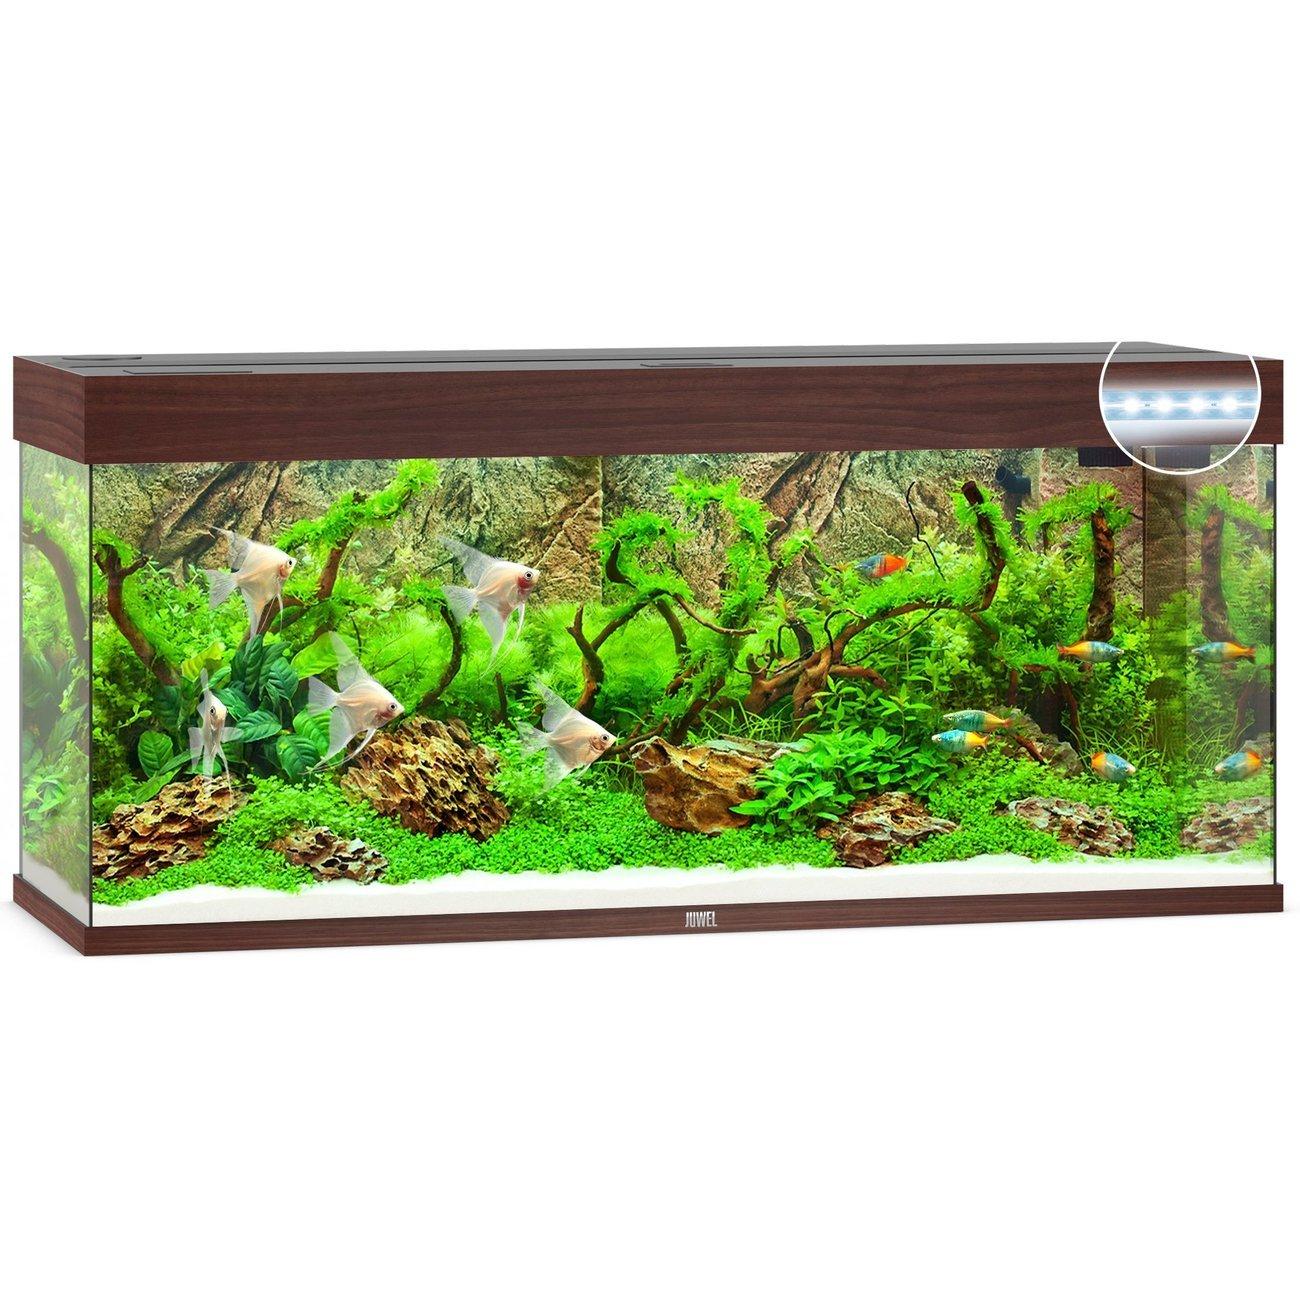 Juwel Rio 240 LED Aquarium, Bild 2